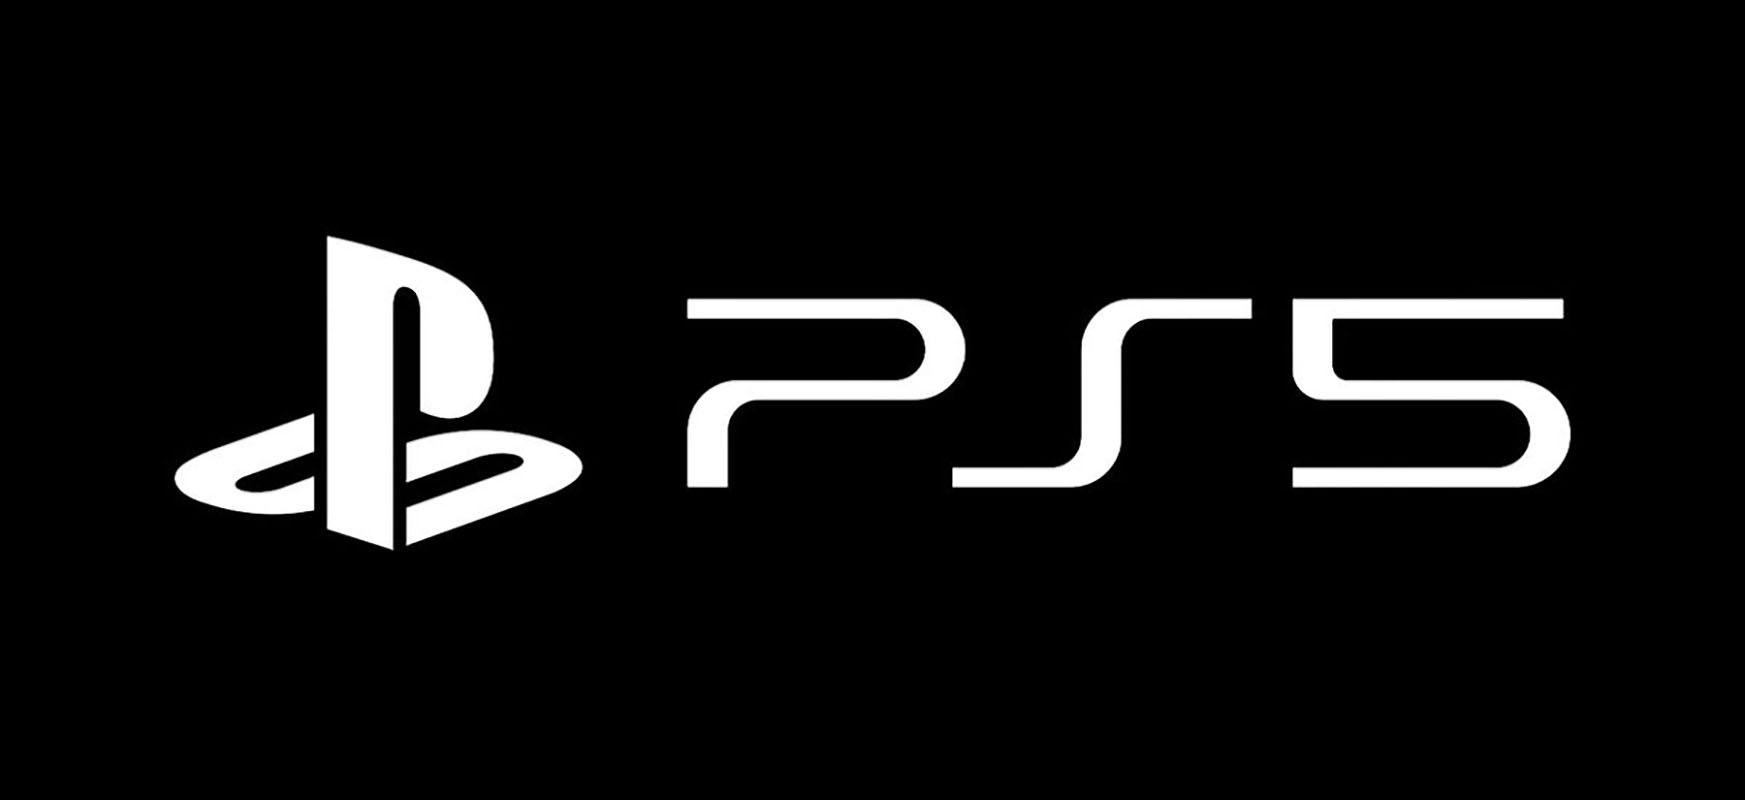 Gaur Sony konferentzia eta PlayStation aurkezpena 5.  Ikusi linean